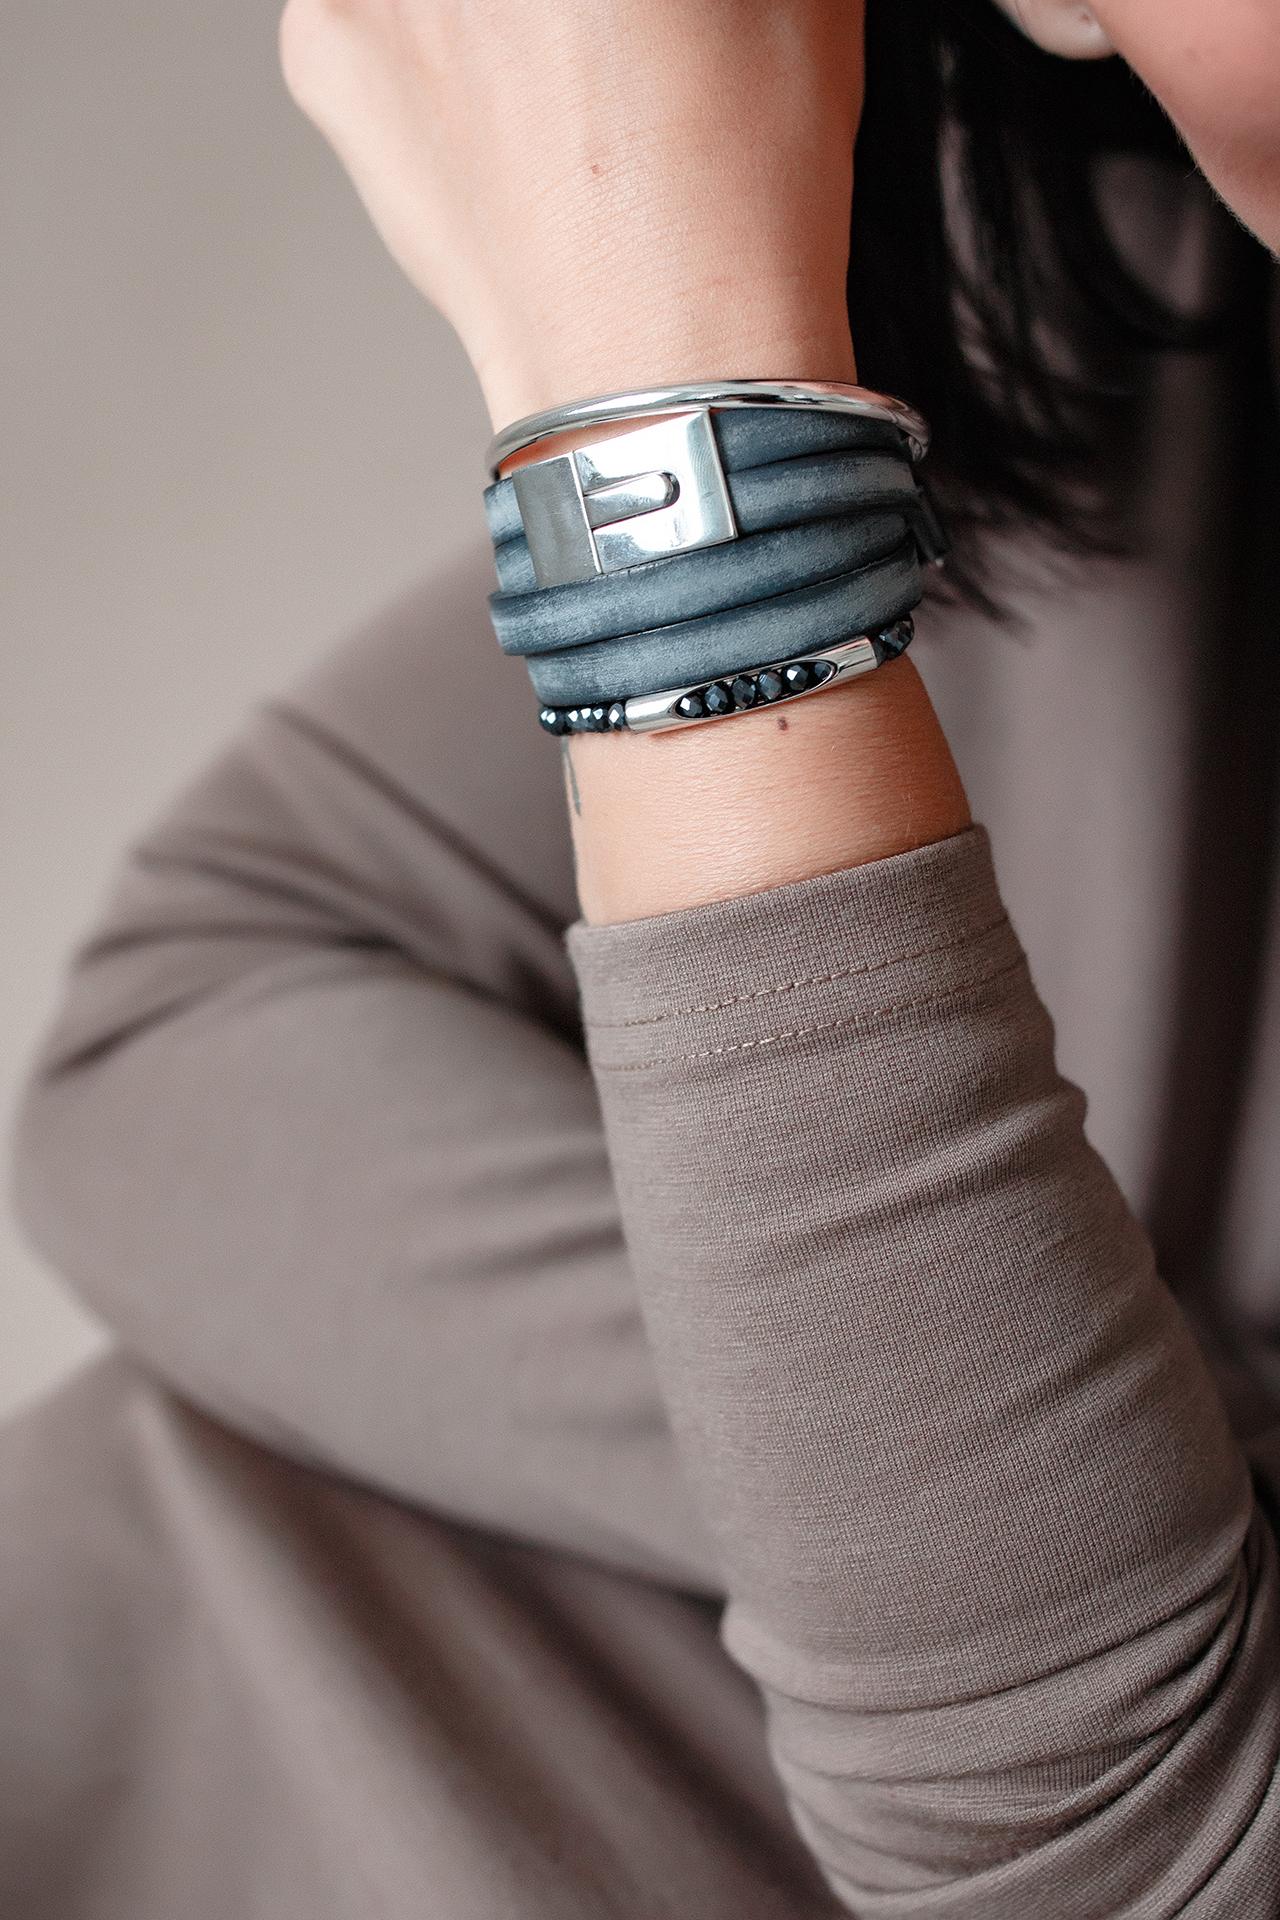 Женский браслет из натуральной кожи под джинс на 14 размер  оптом и в розницу